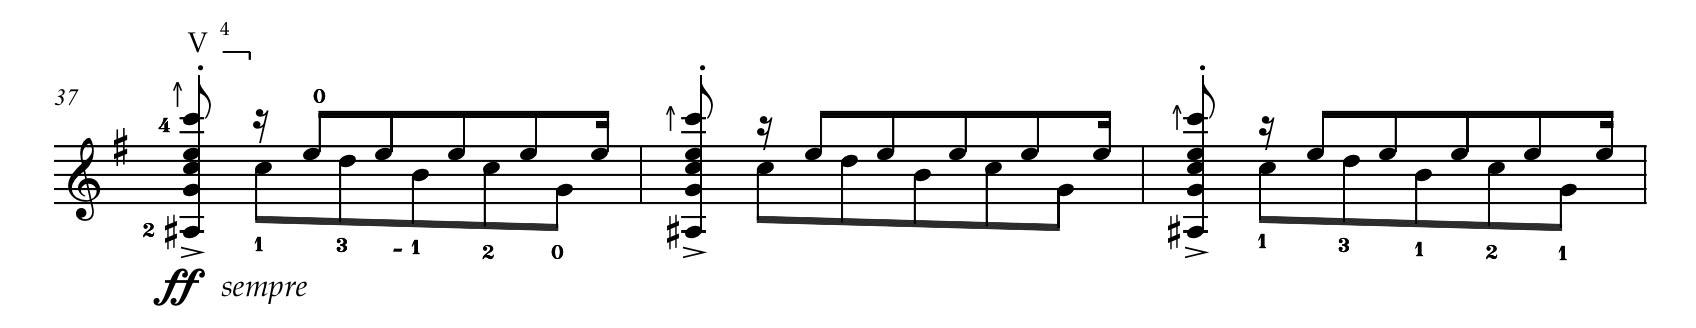 Yates bars 37-39